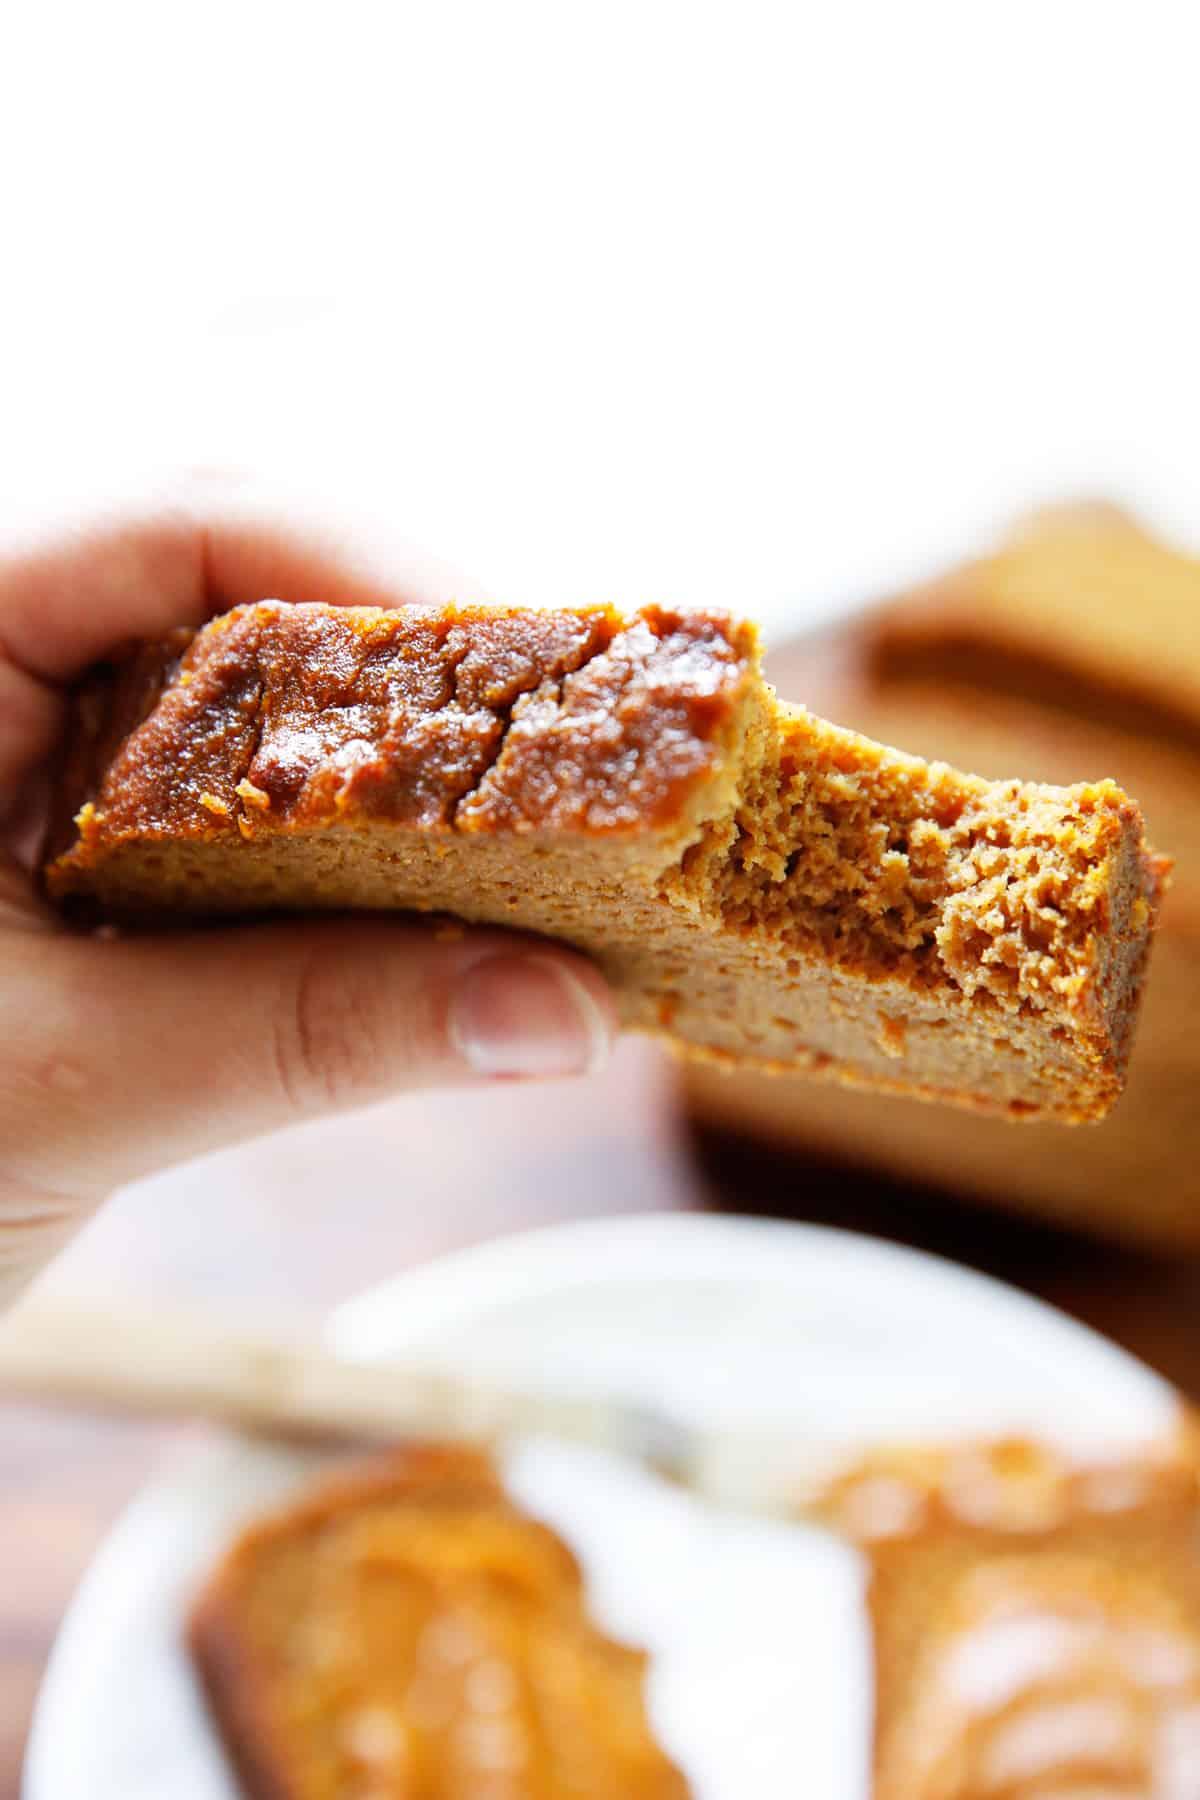 A bite taken out of gluten free pumpkin bread